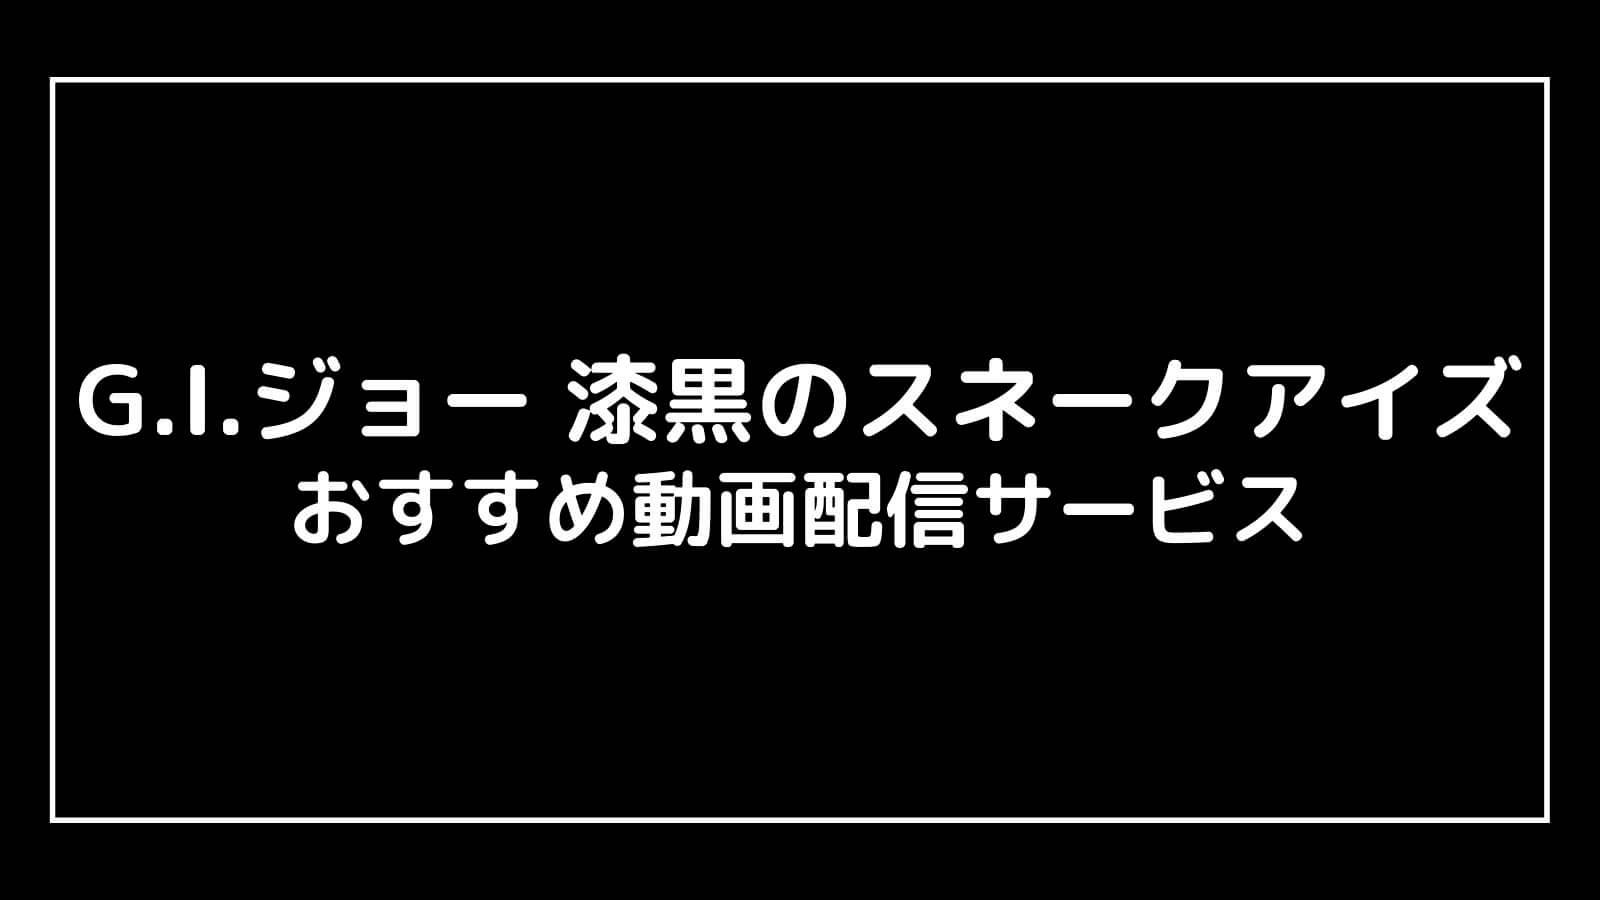 映画『G.I.ジョー 漆黒のスネークアイズ』を無料視聴できるおすすめ動画配信サービス